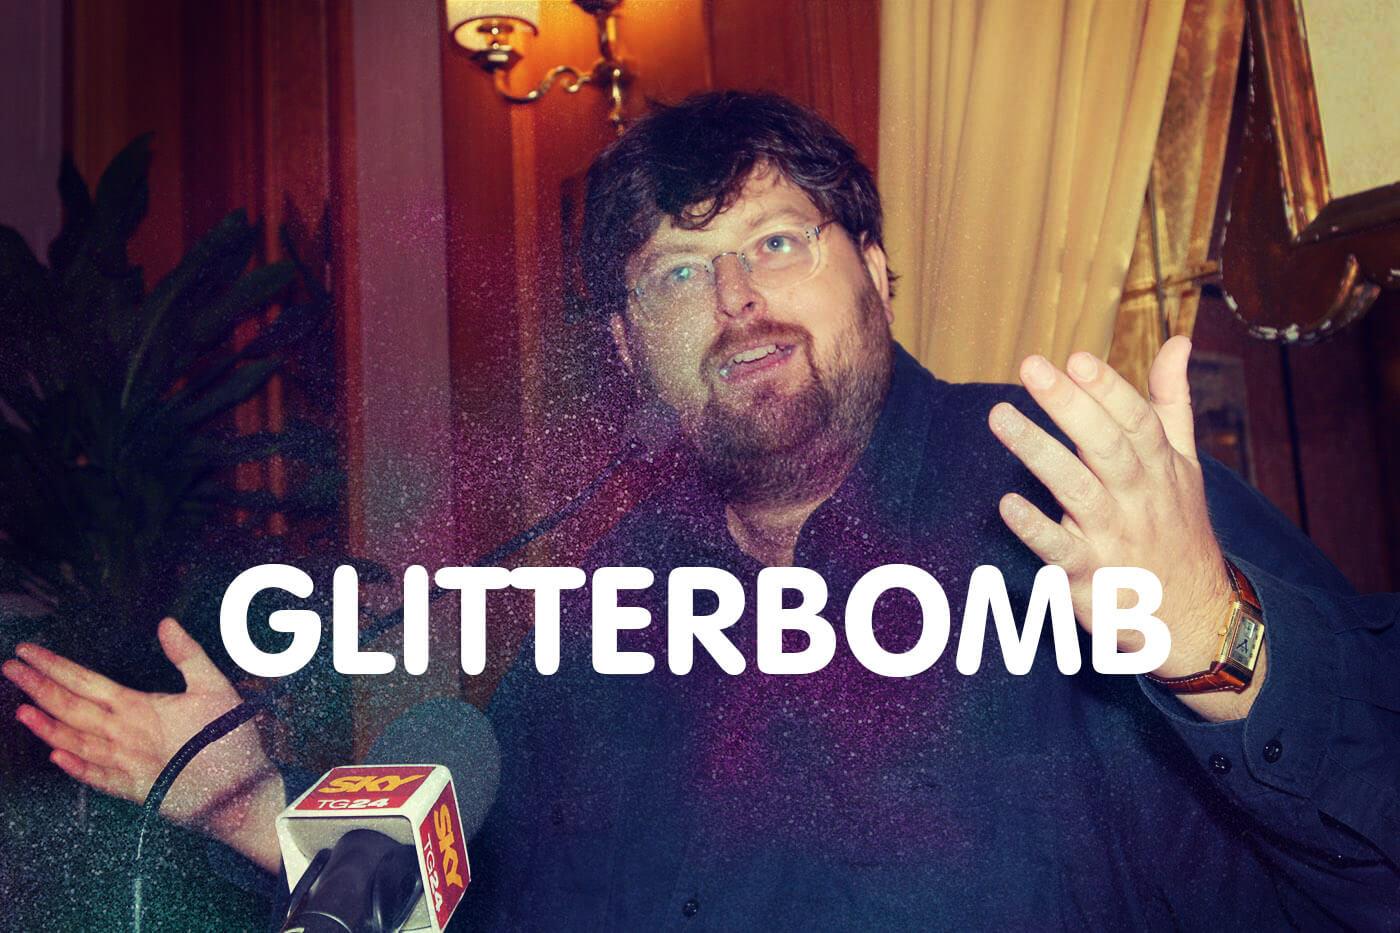 Glitterbomb su prenotazione: come spedire una bomba glitter a Adinolfi